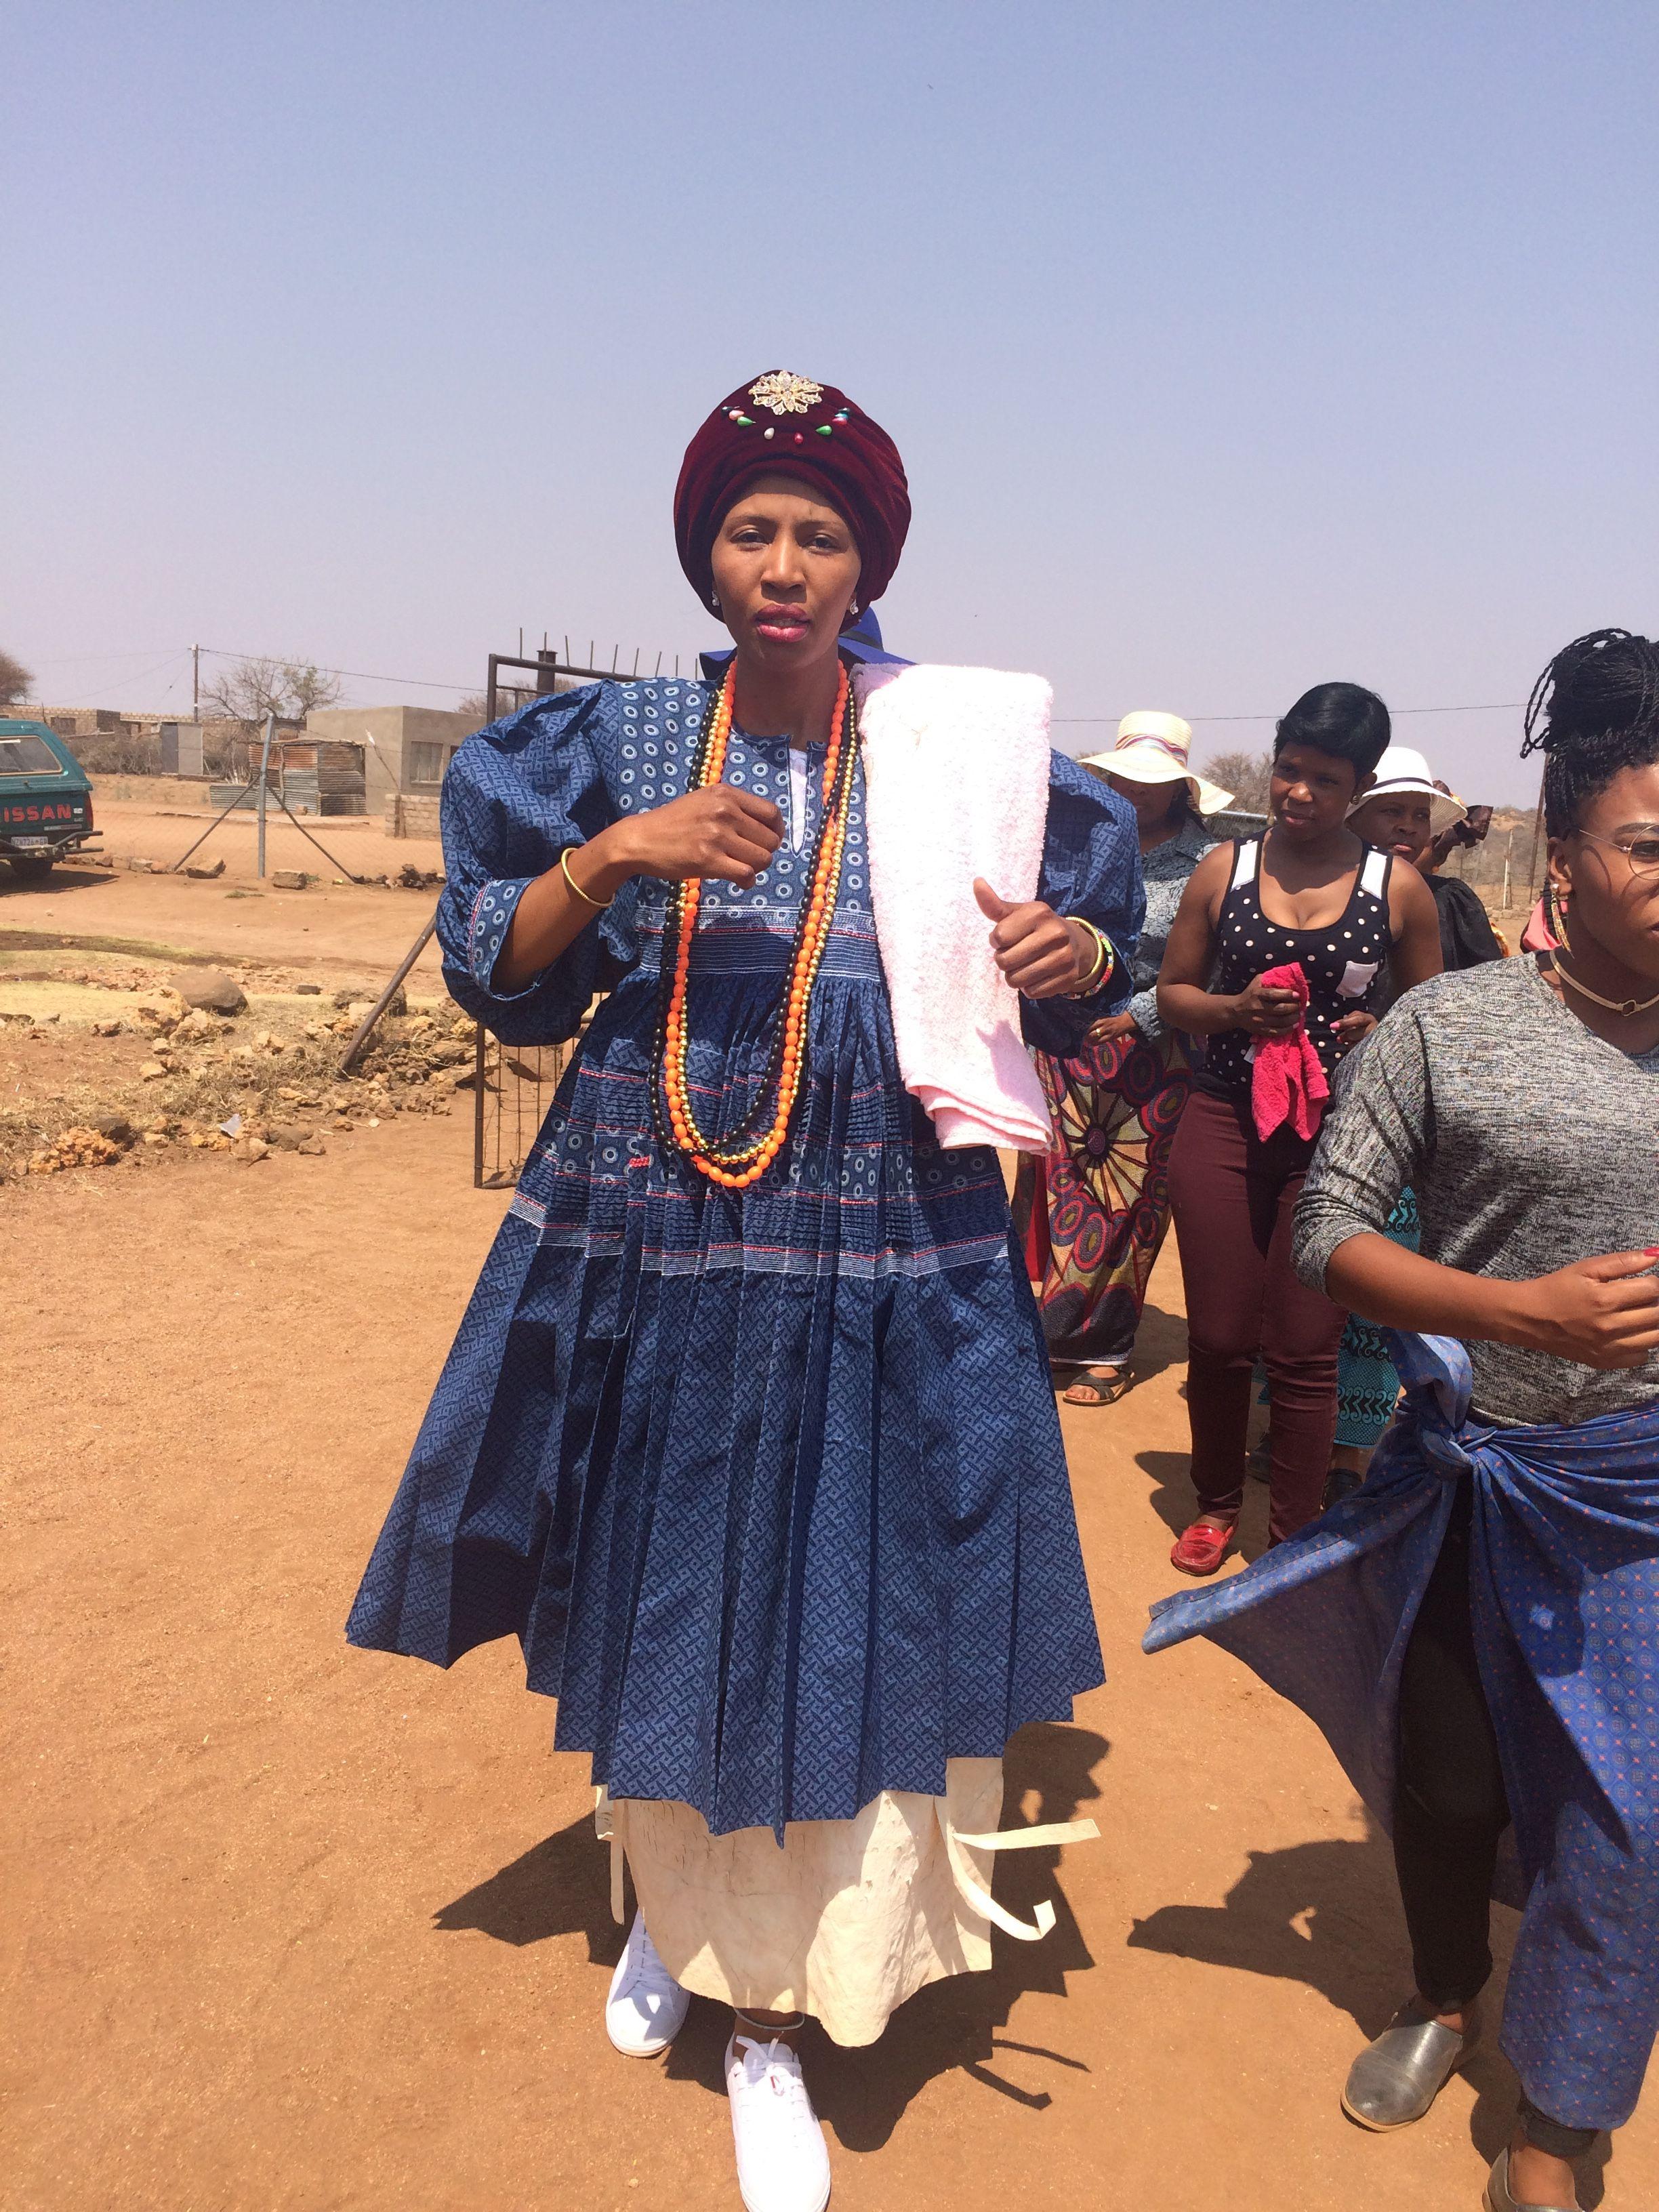 Masemola wedding dresses